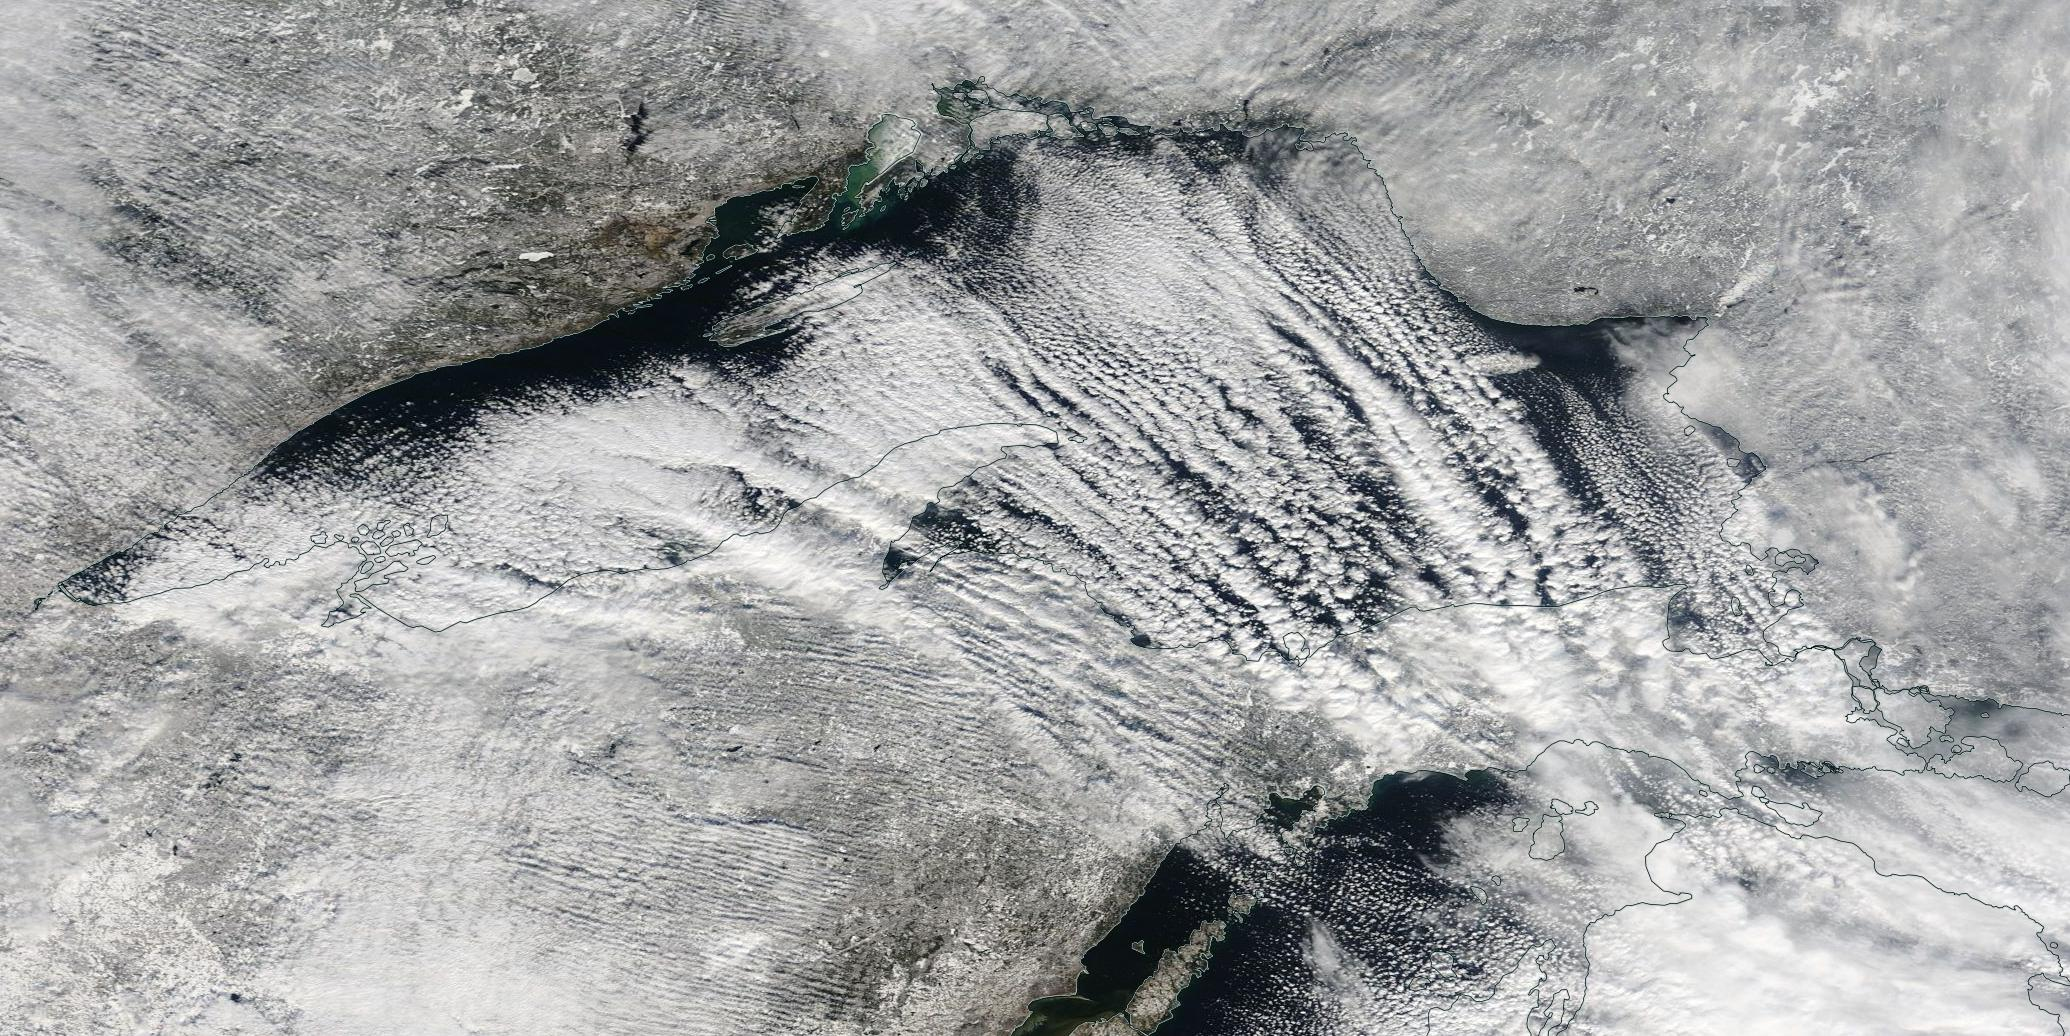 """Obraz satelitarny w świetle widzialnym """"efektu jeziora"""" z dnia 18.11.2014 r. nad Jeziorem Górnym w Ameryce Północnej. Źródło: NASA Worldview"""